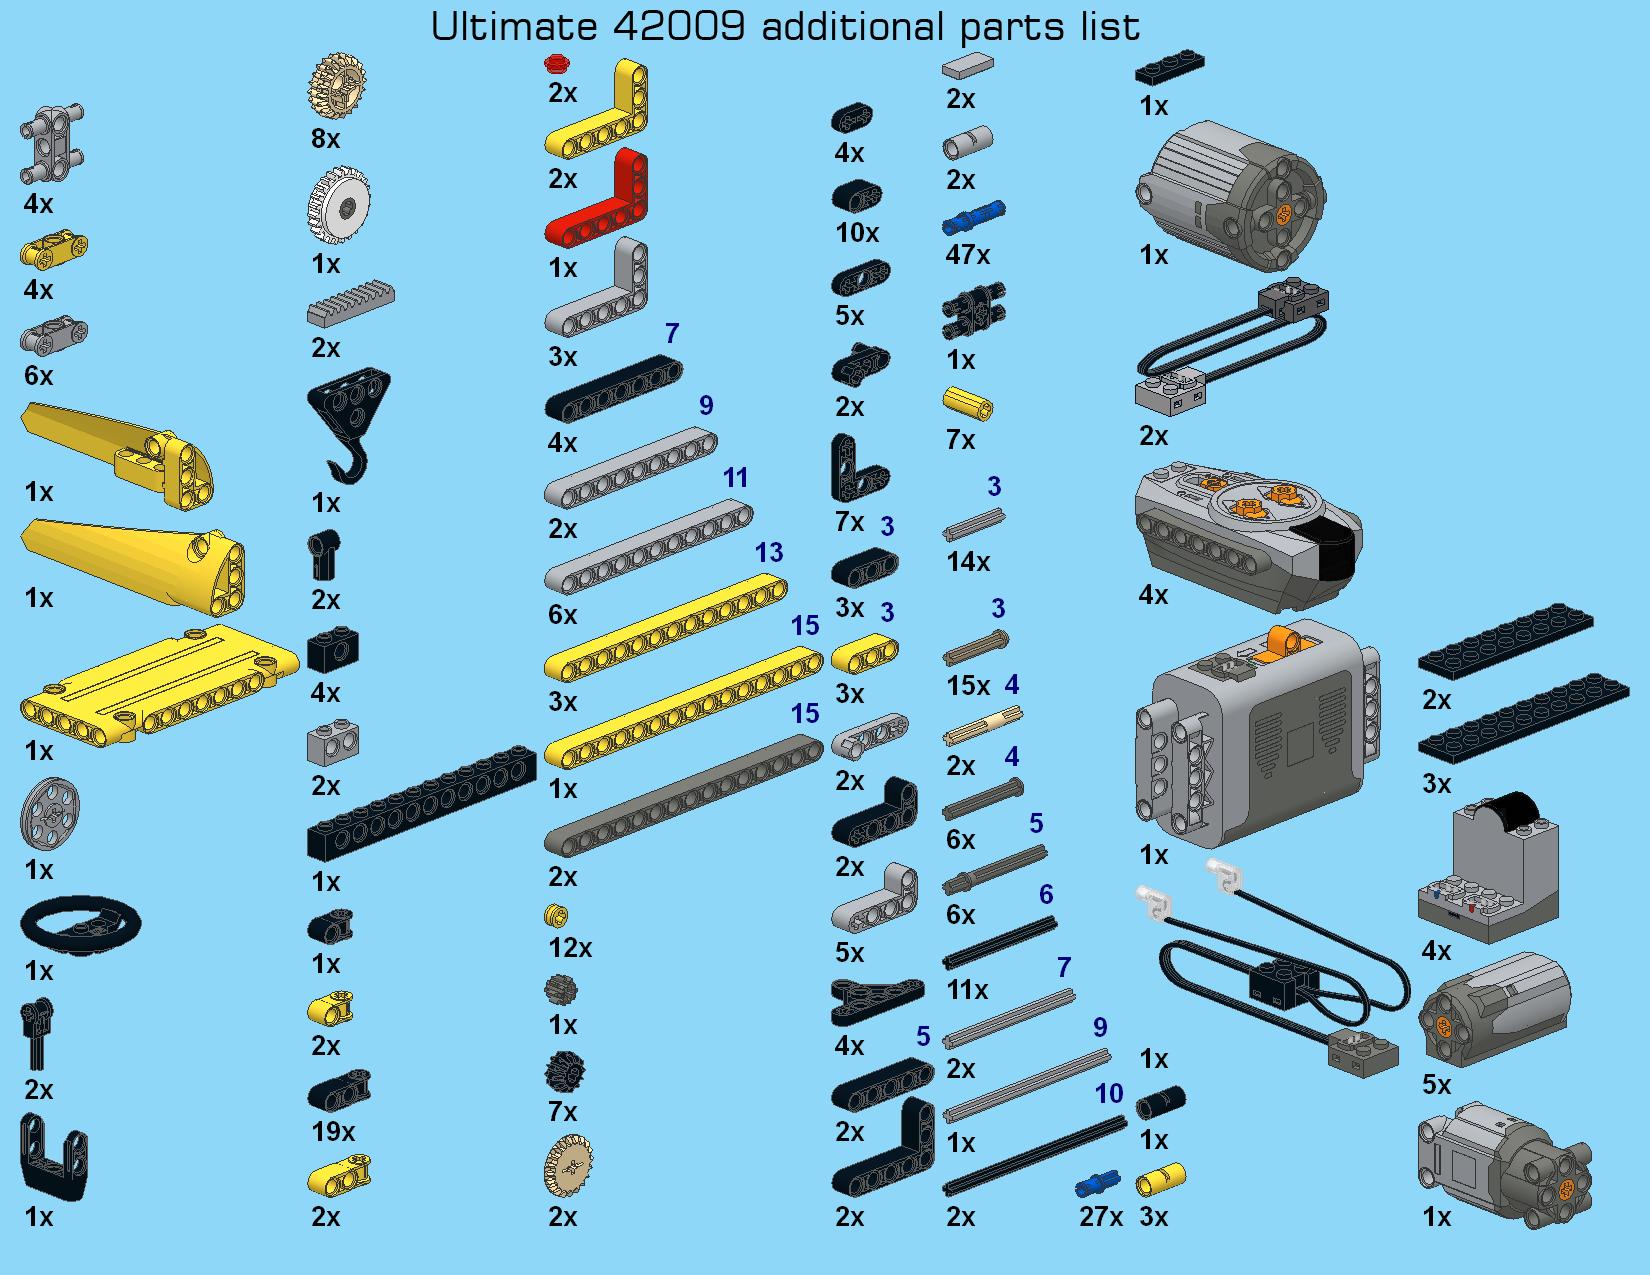 Extra Lego Steine für das Lego 42009 Ultimate Modell